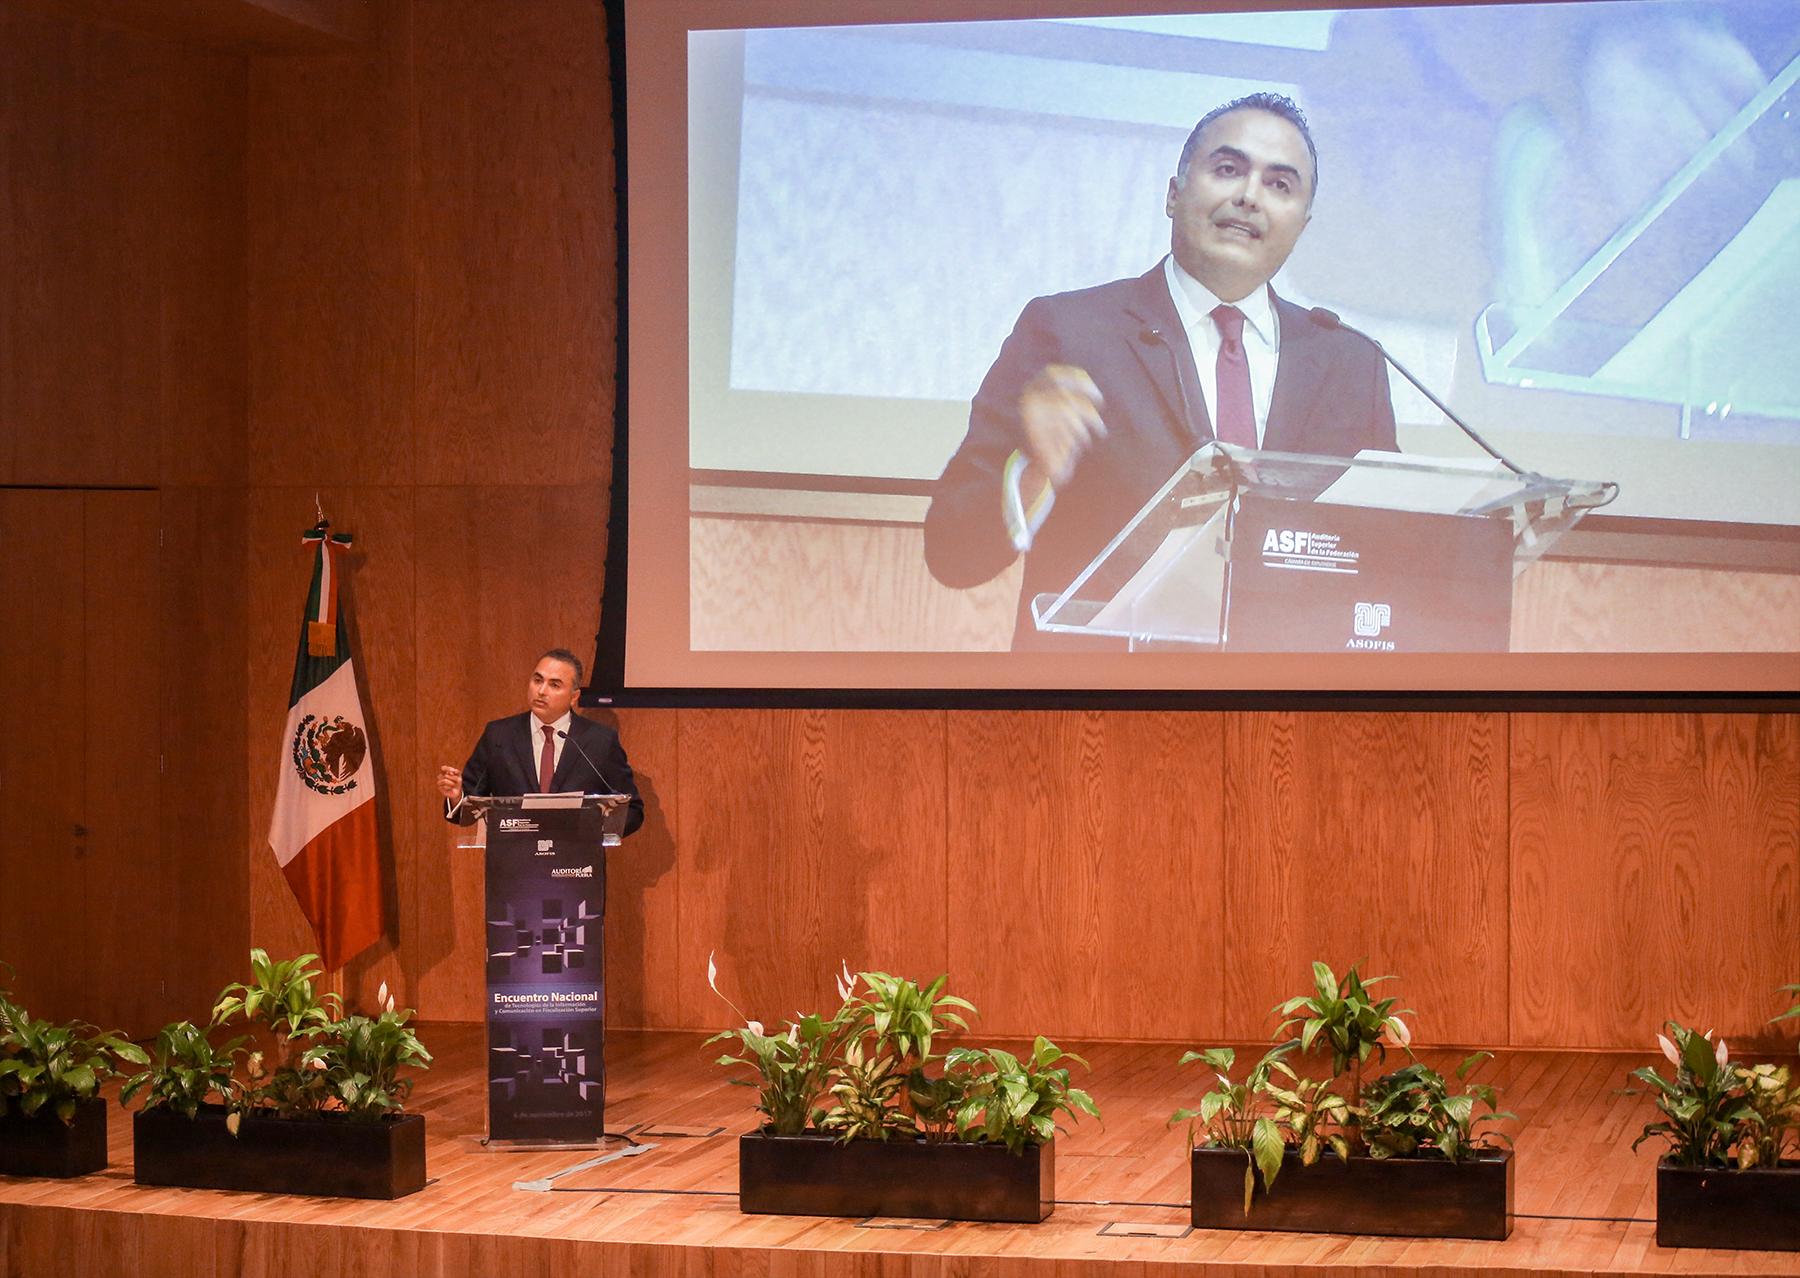 Tecnología ha permitido aumentar alcance de auditorías: Villanueva